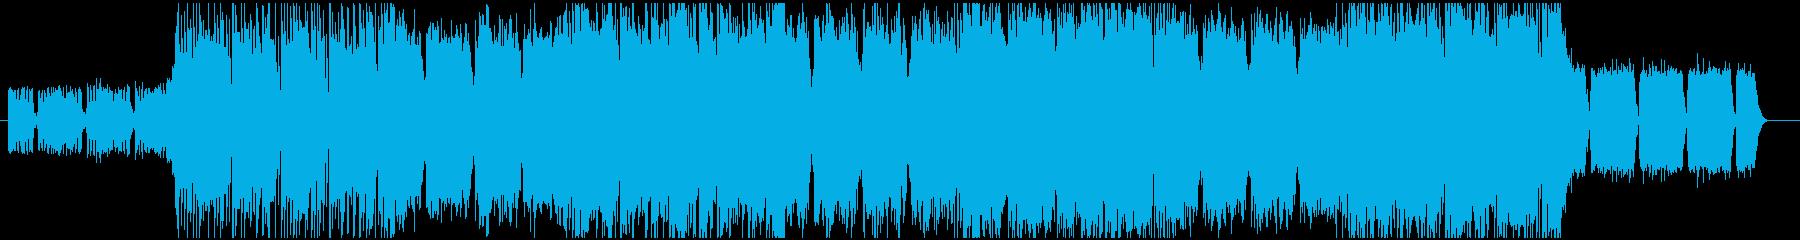 疾走感あるメタル・ロック系BGM_1の再生済みの波形